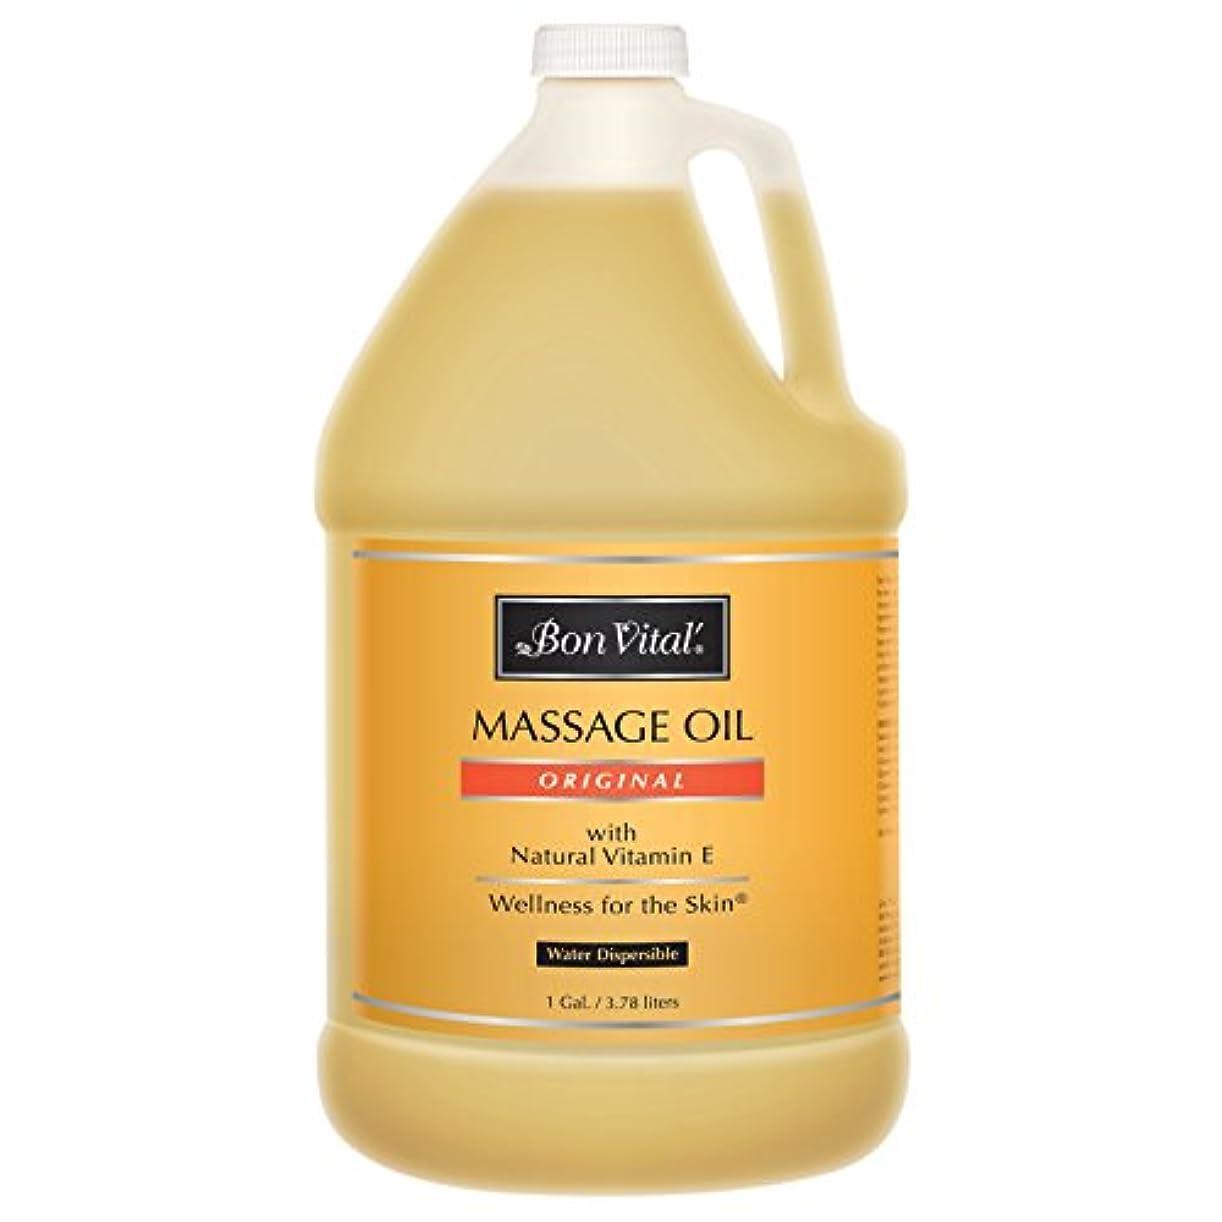 発生プット漁師Bon Vital, Original Massage Oil 1 Gal